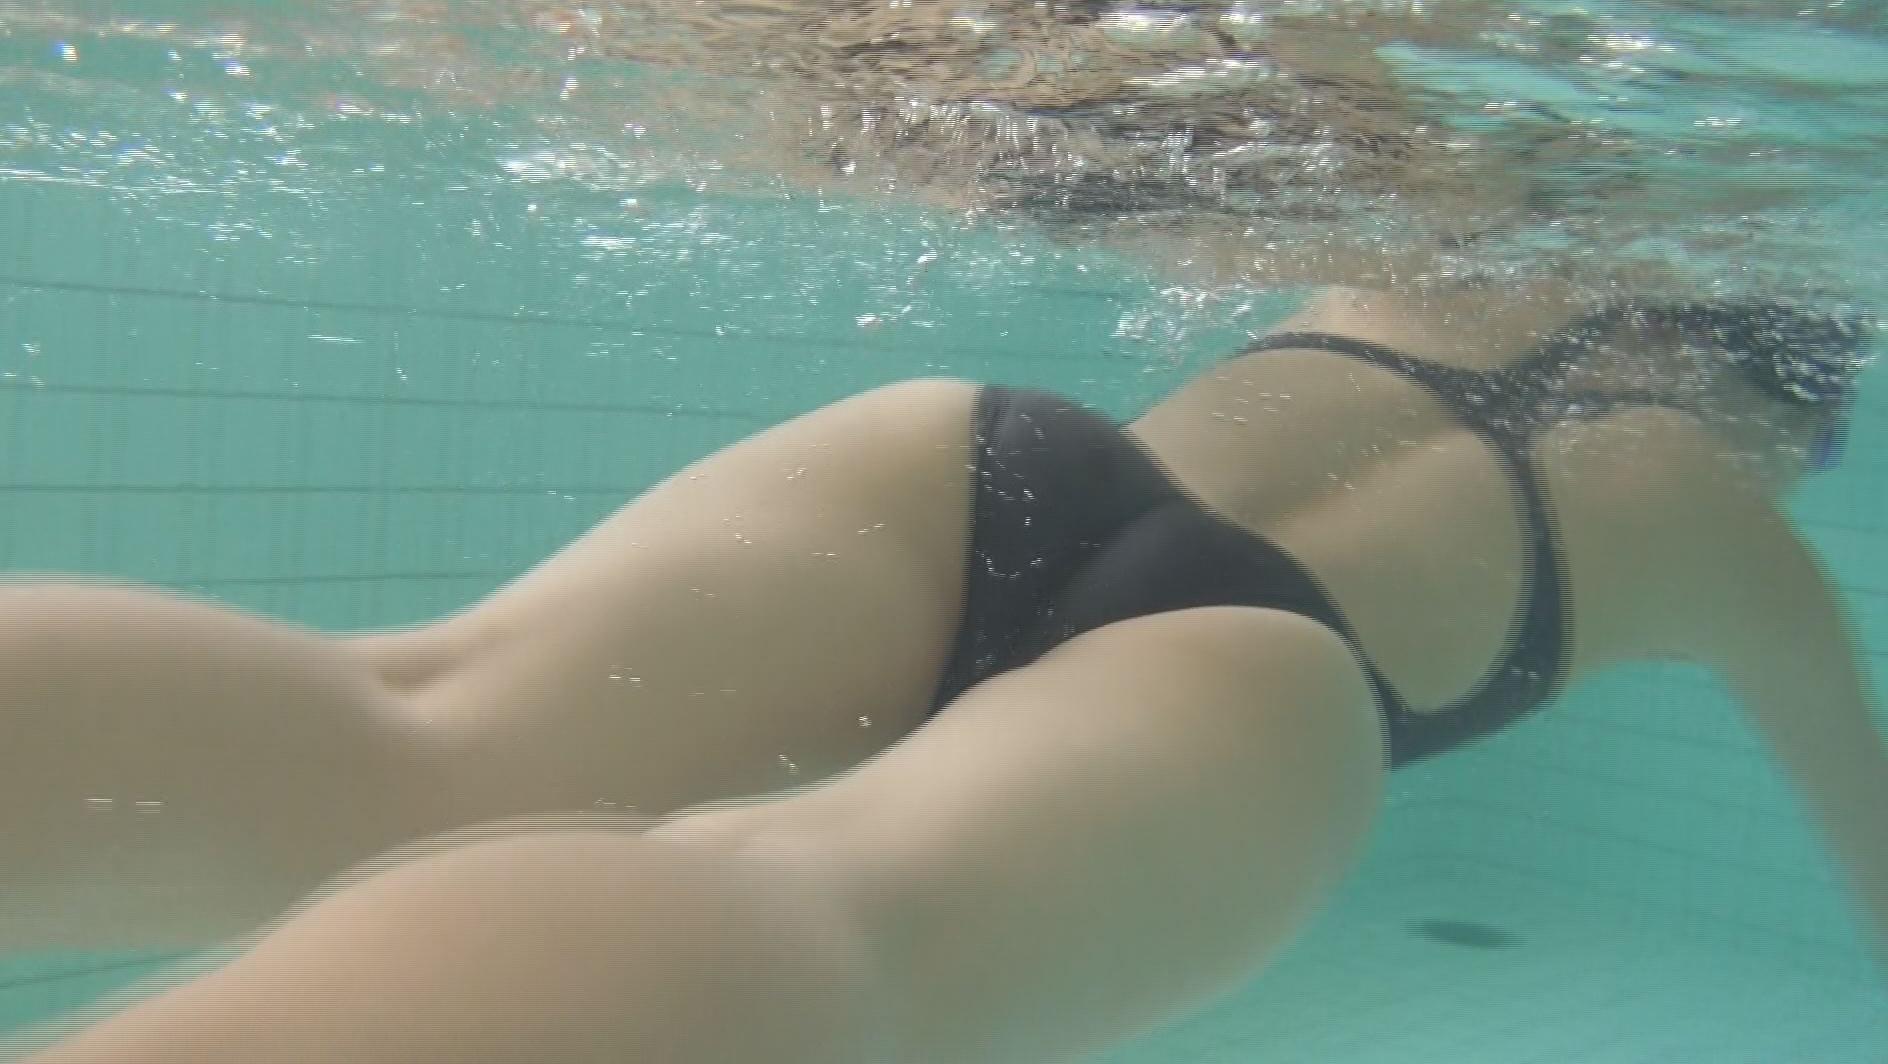 僕の彼女の競泳水着 玲26歳 信用金庫勤務 1 画像5